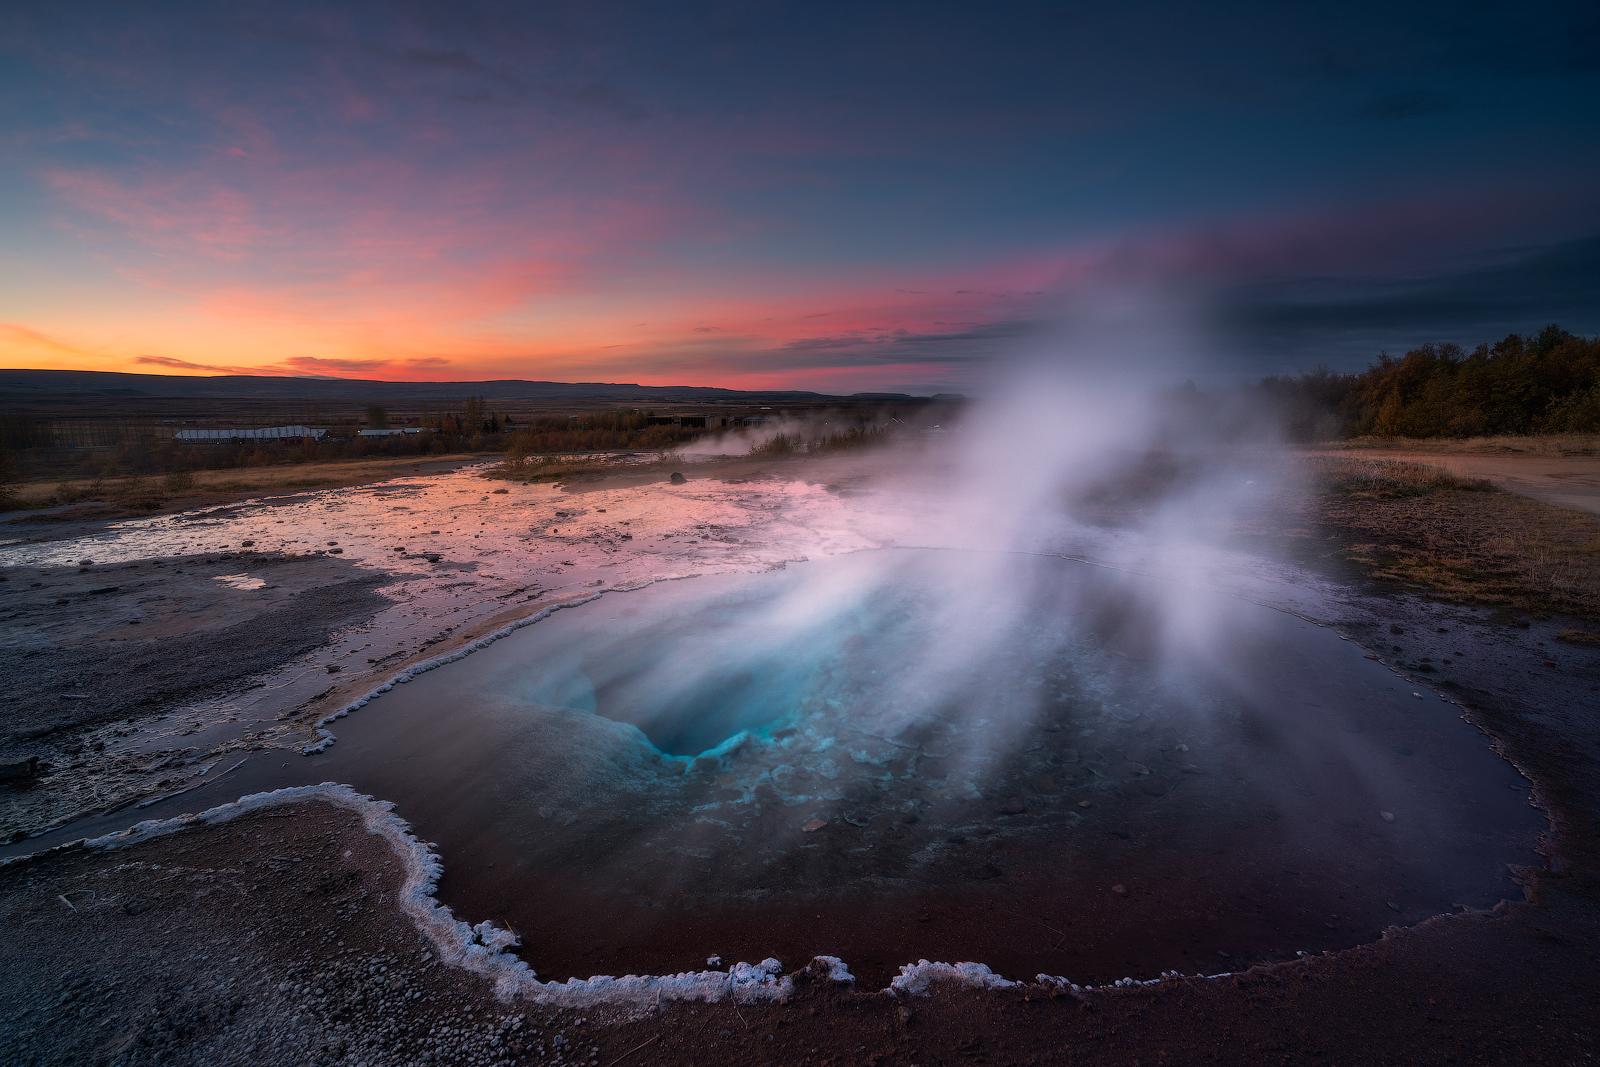 I det geotermiska området vid Geysir upplever du ett spännande förväntansfullt ögonblick precis innan gejsern Strokkur får ett utbrott